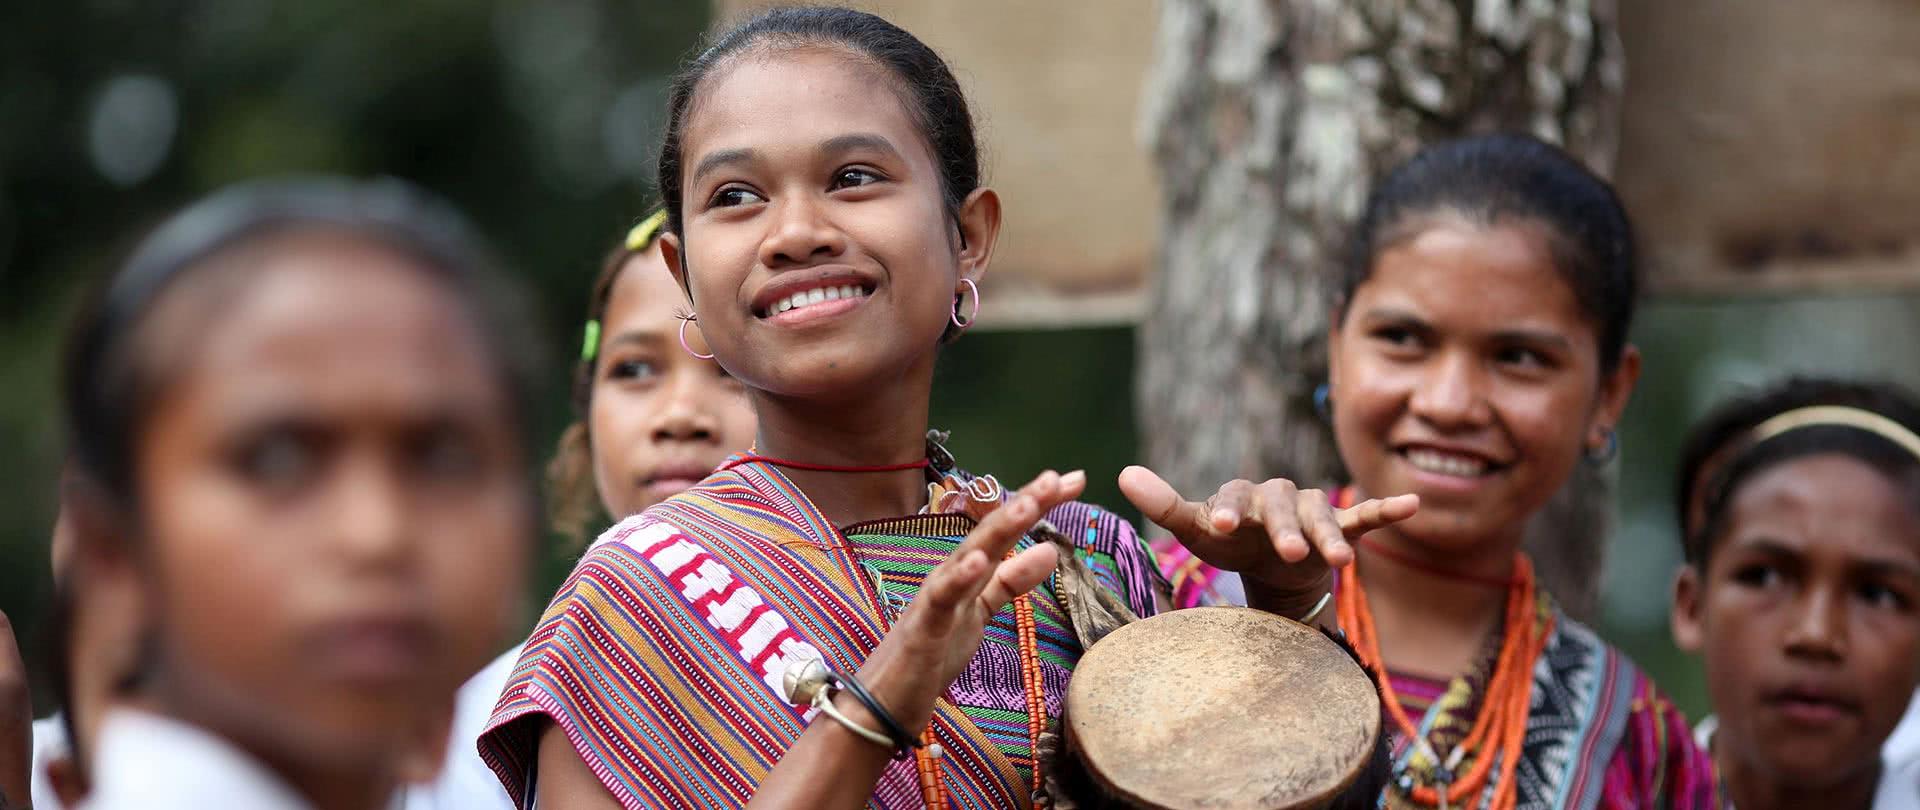 homepage-slide-1920-josh-estey-girl-drum-timor-leste